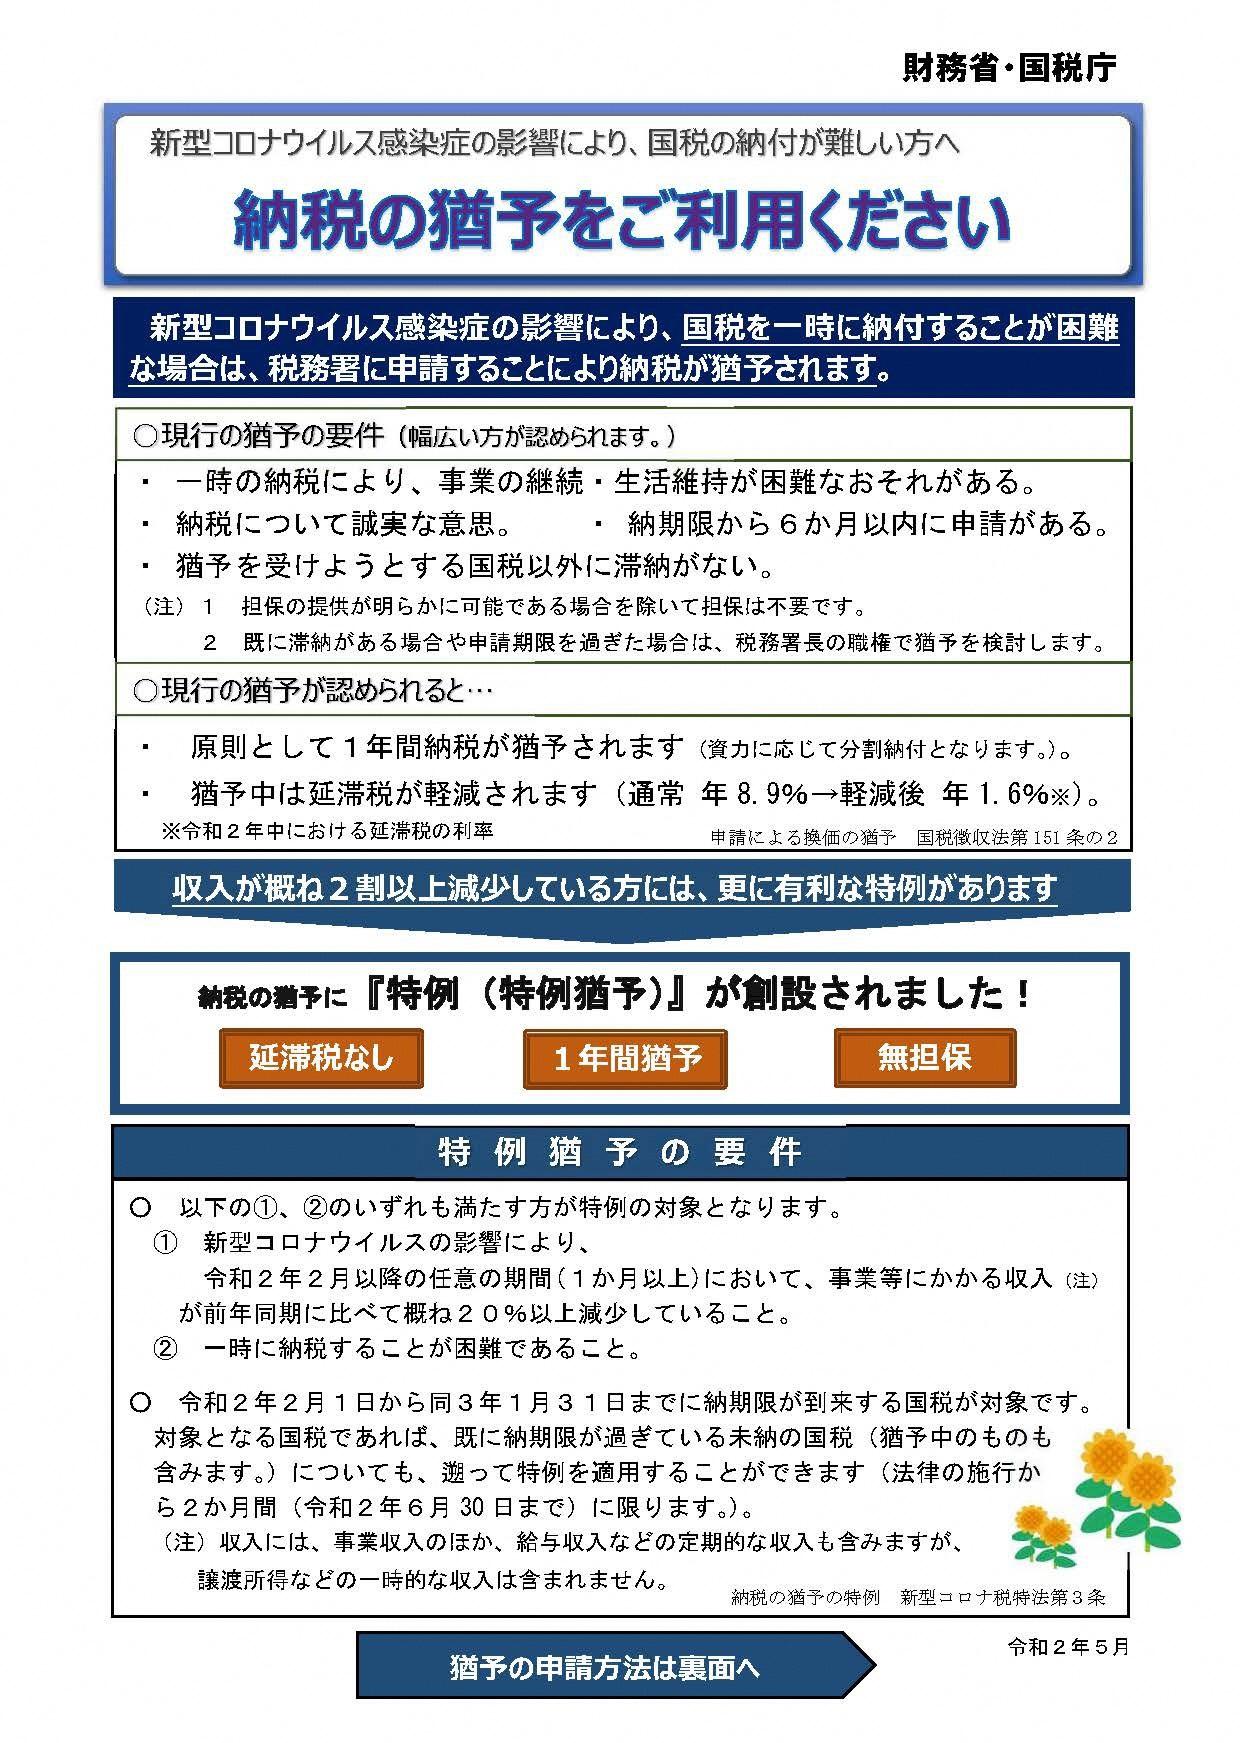 江差町公式ホームページ(北海道檜山) - 新型コロナウイルス感染症等 ...